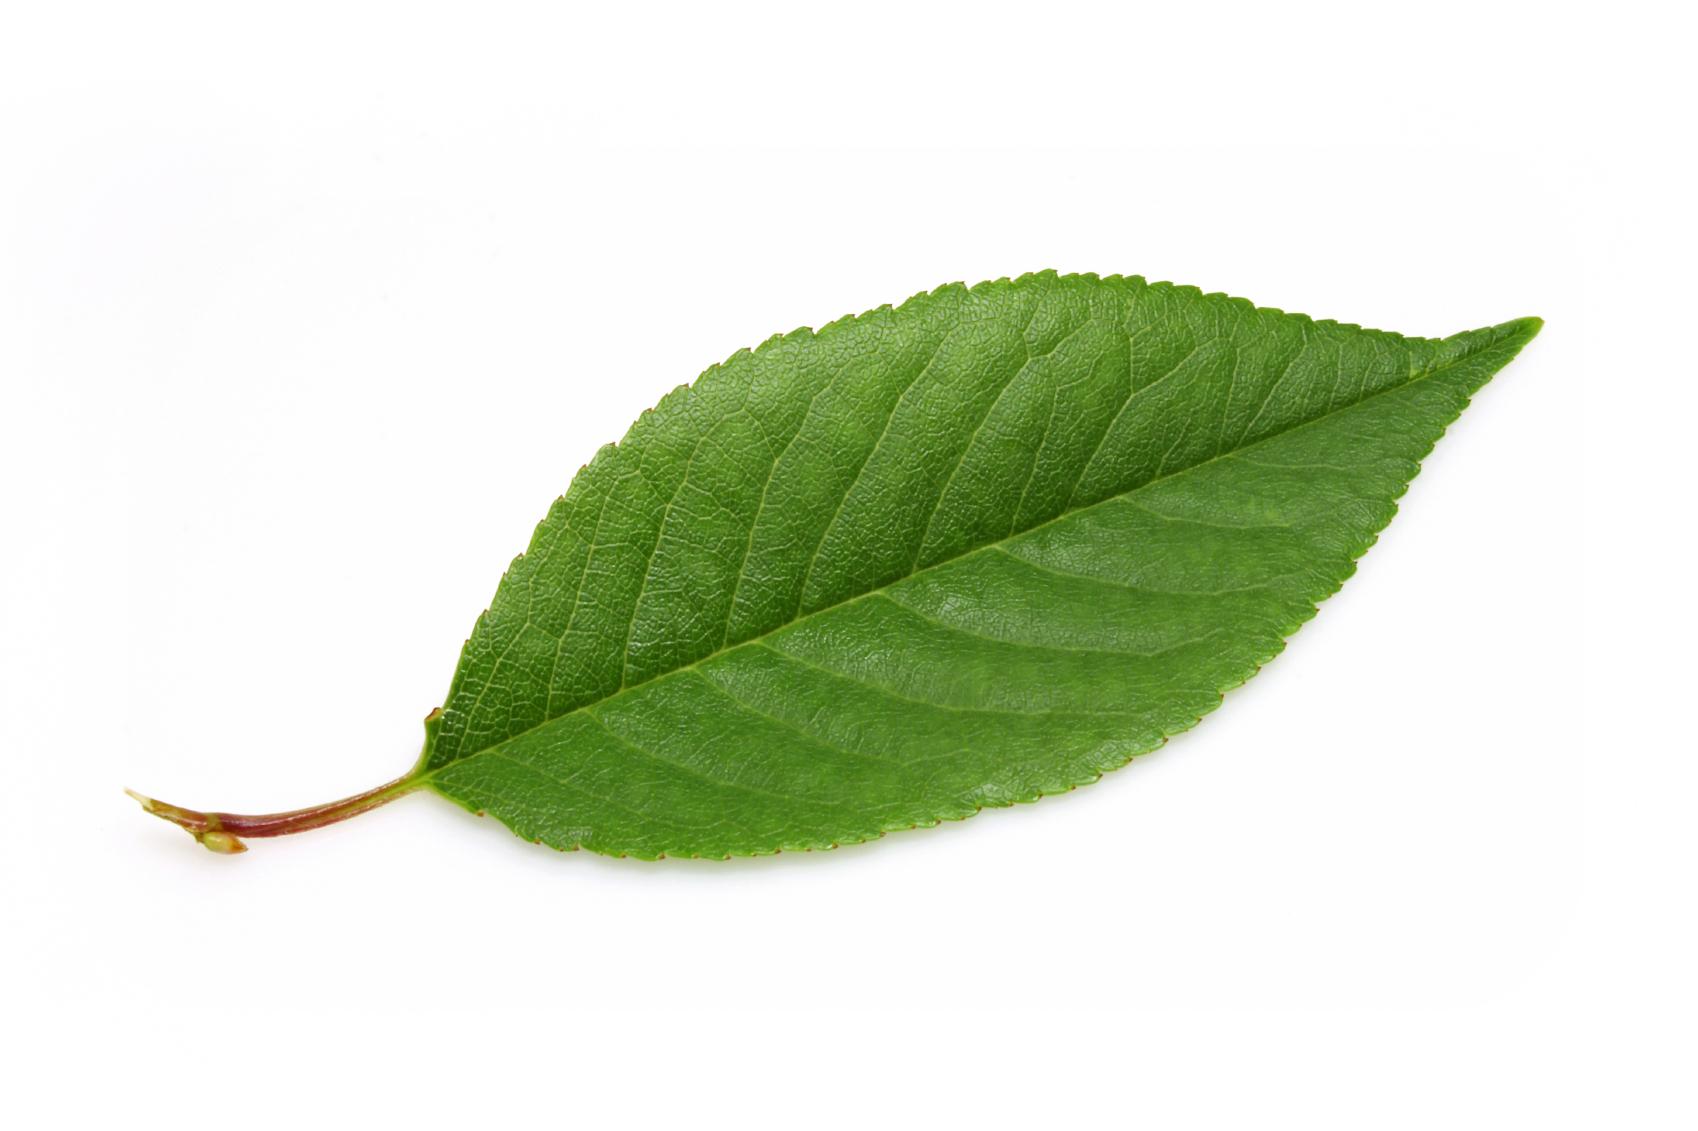 leaf-silhouette-landscaping-atlanta.jpg